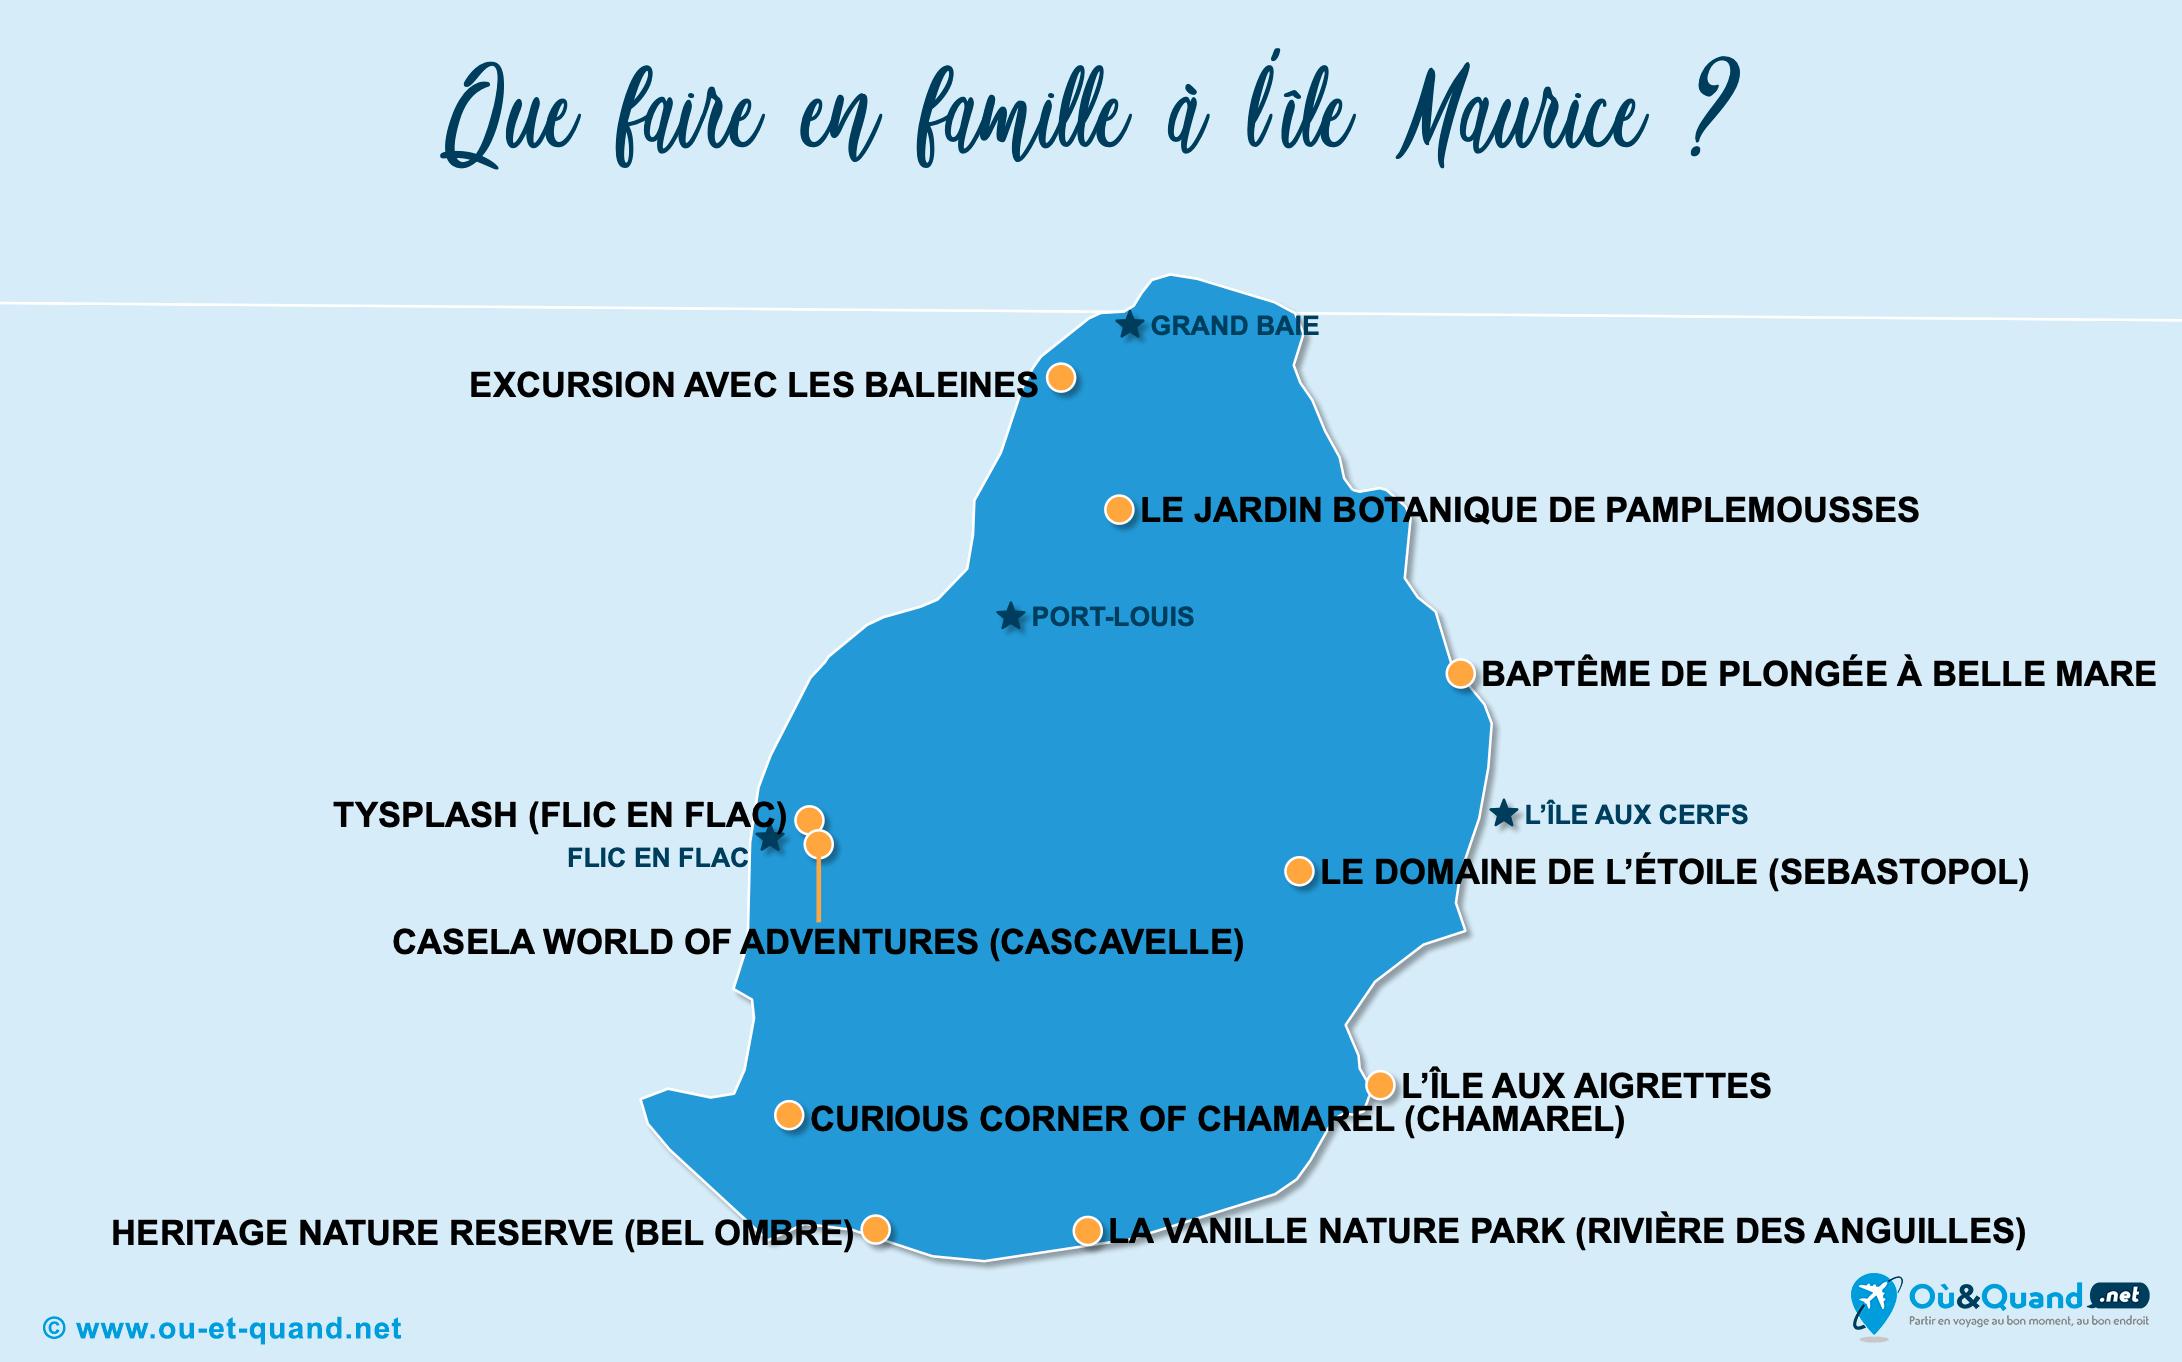 Carte île Maurice : L'île Maurice en famille